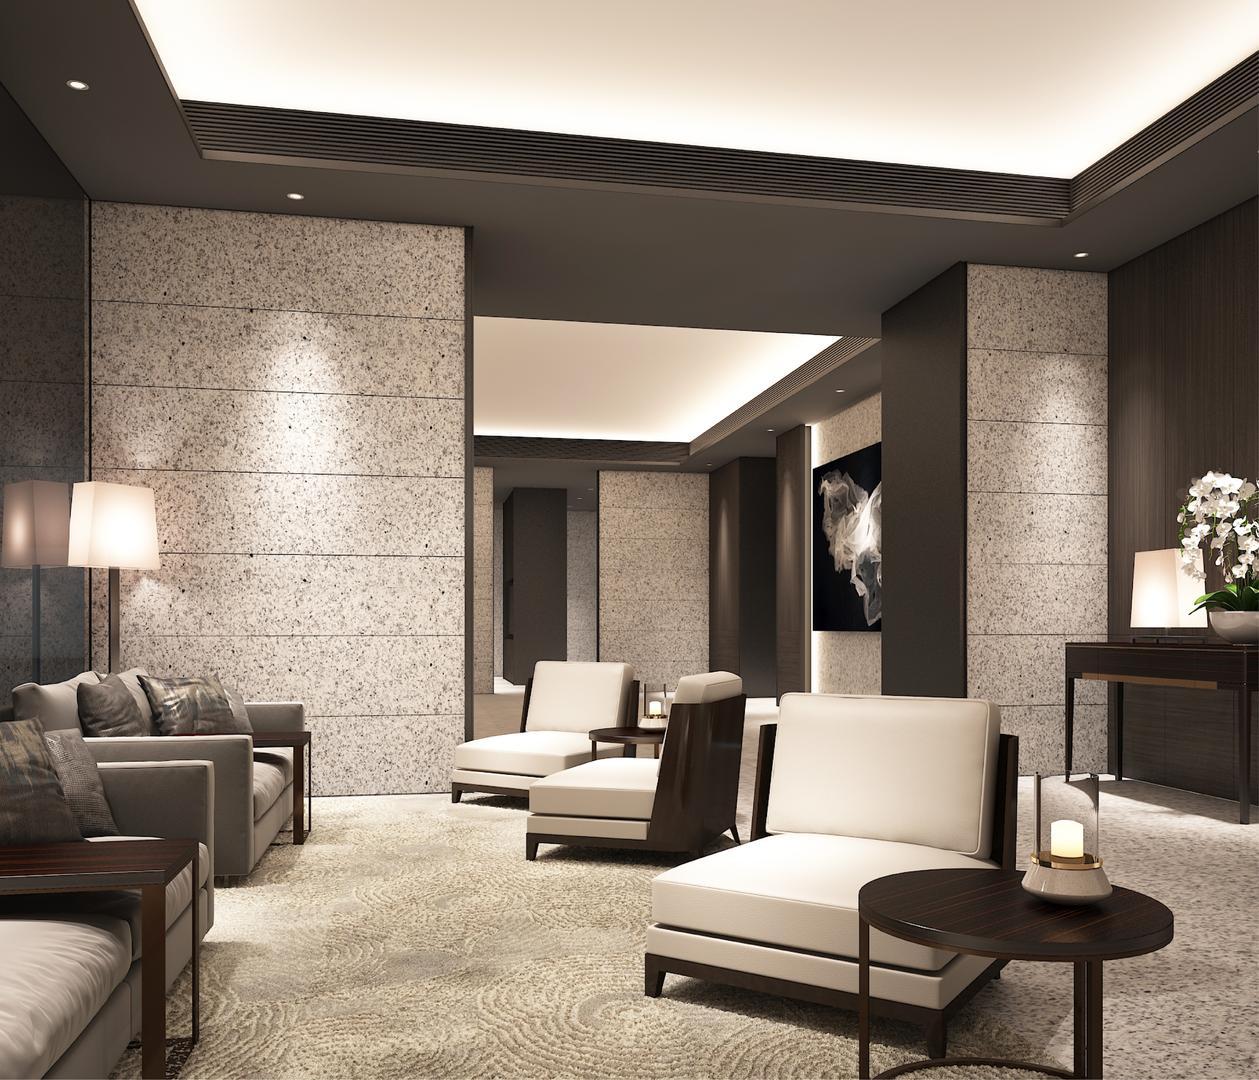 别墅空间:现代风格别墅设计|300㎡